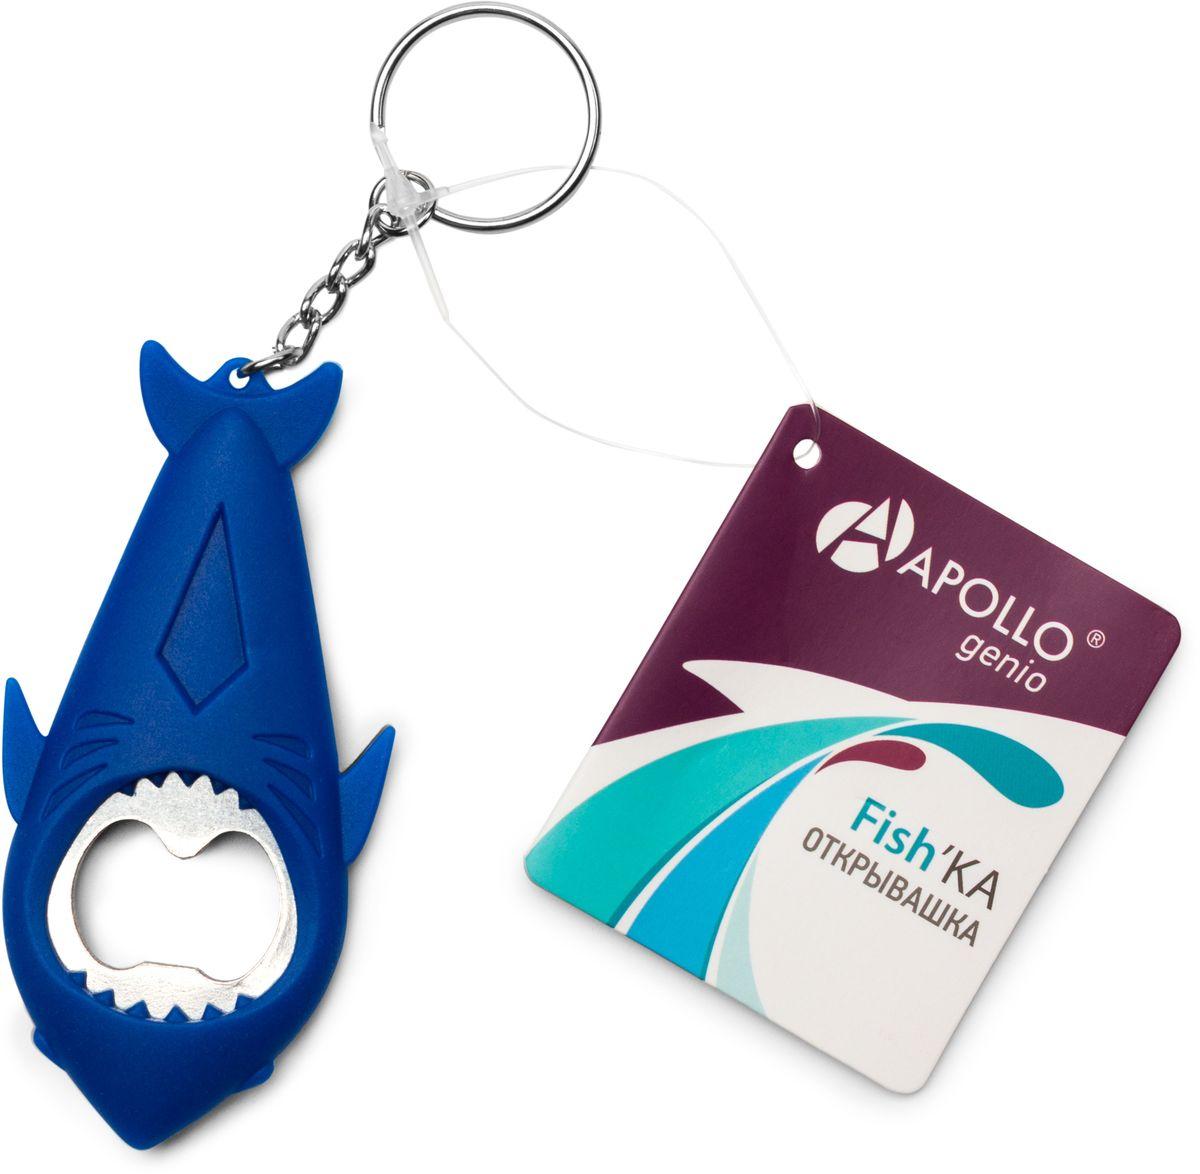 Открывашка Apollo Genio FishКАFSK-01